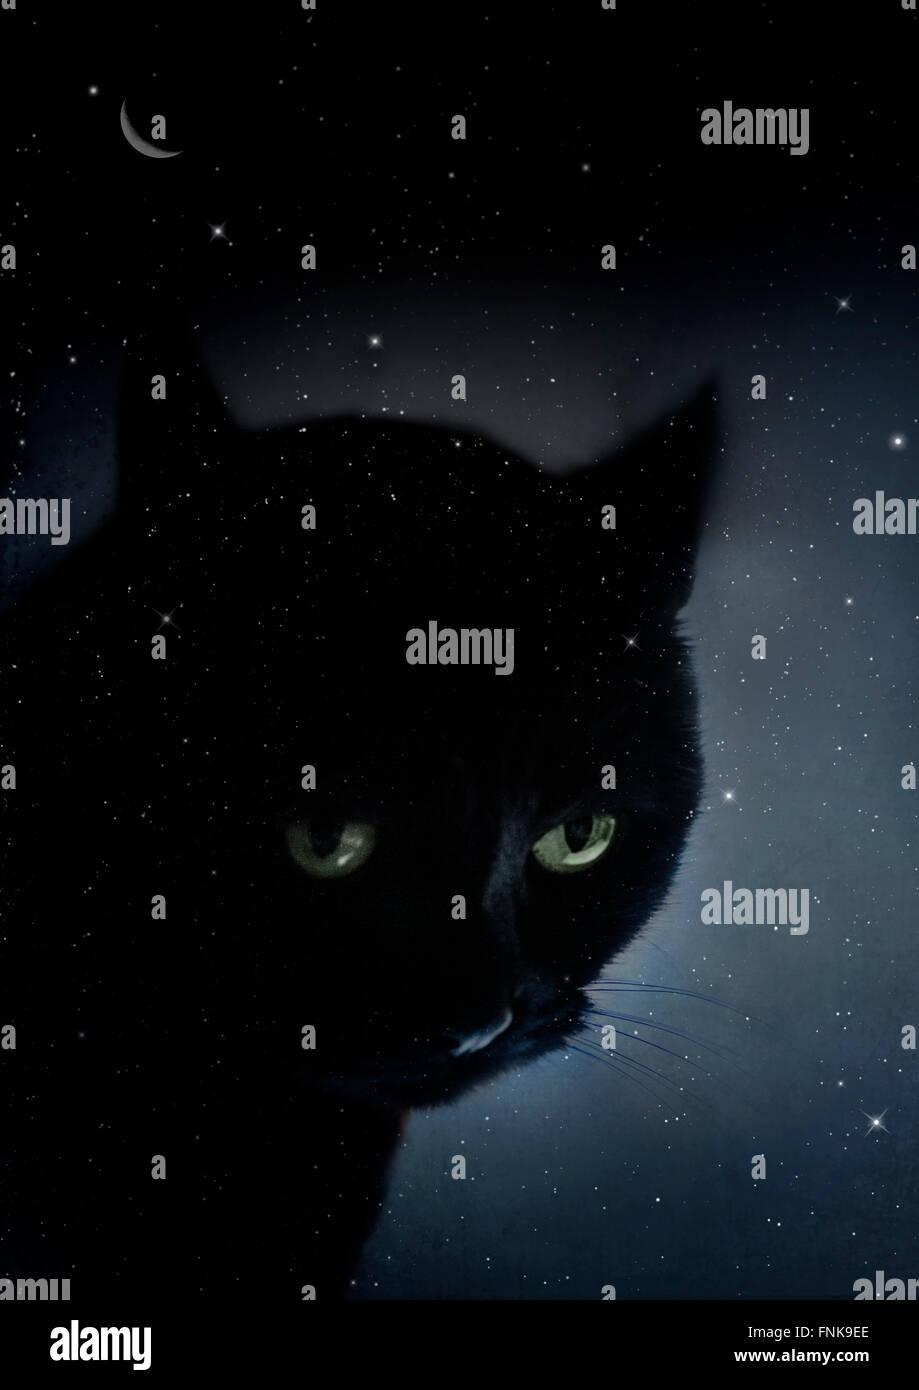 schwarze Katze in der sternenklaren Nacht Stockfoto